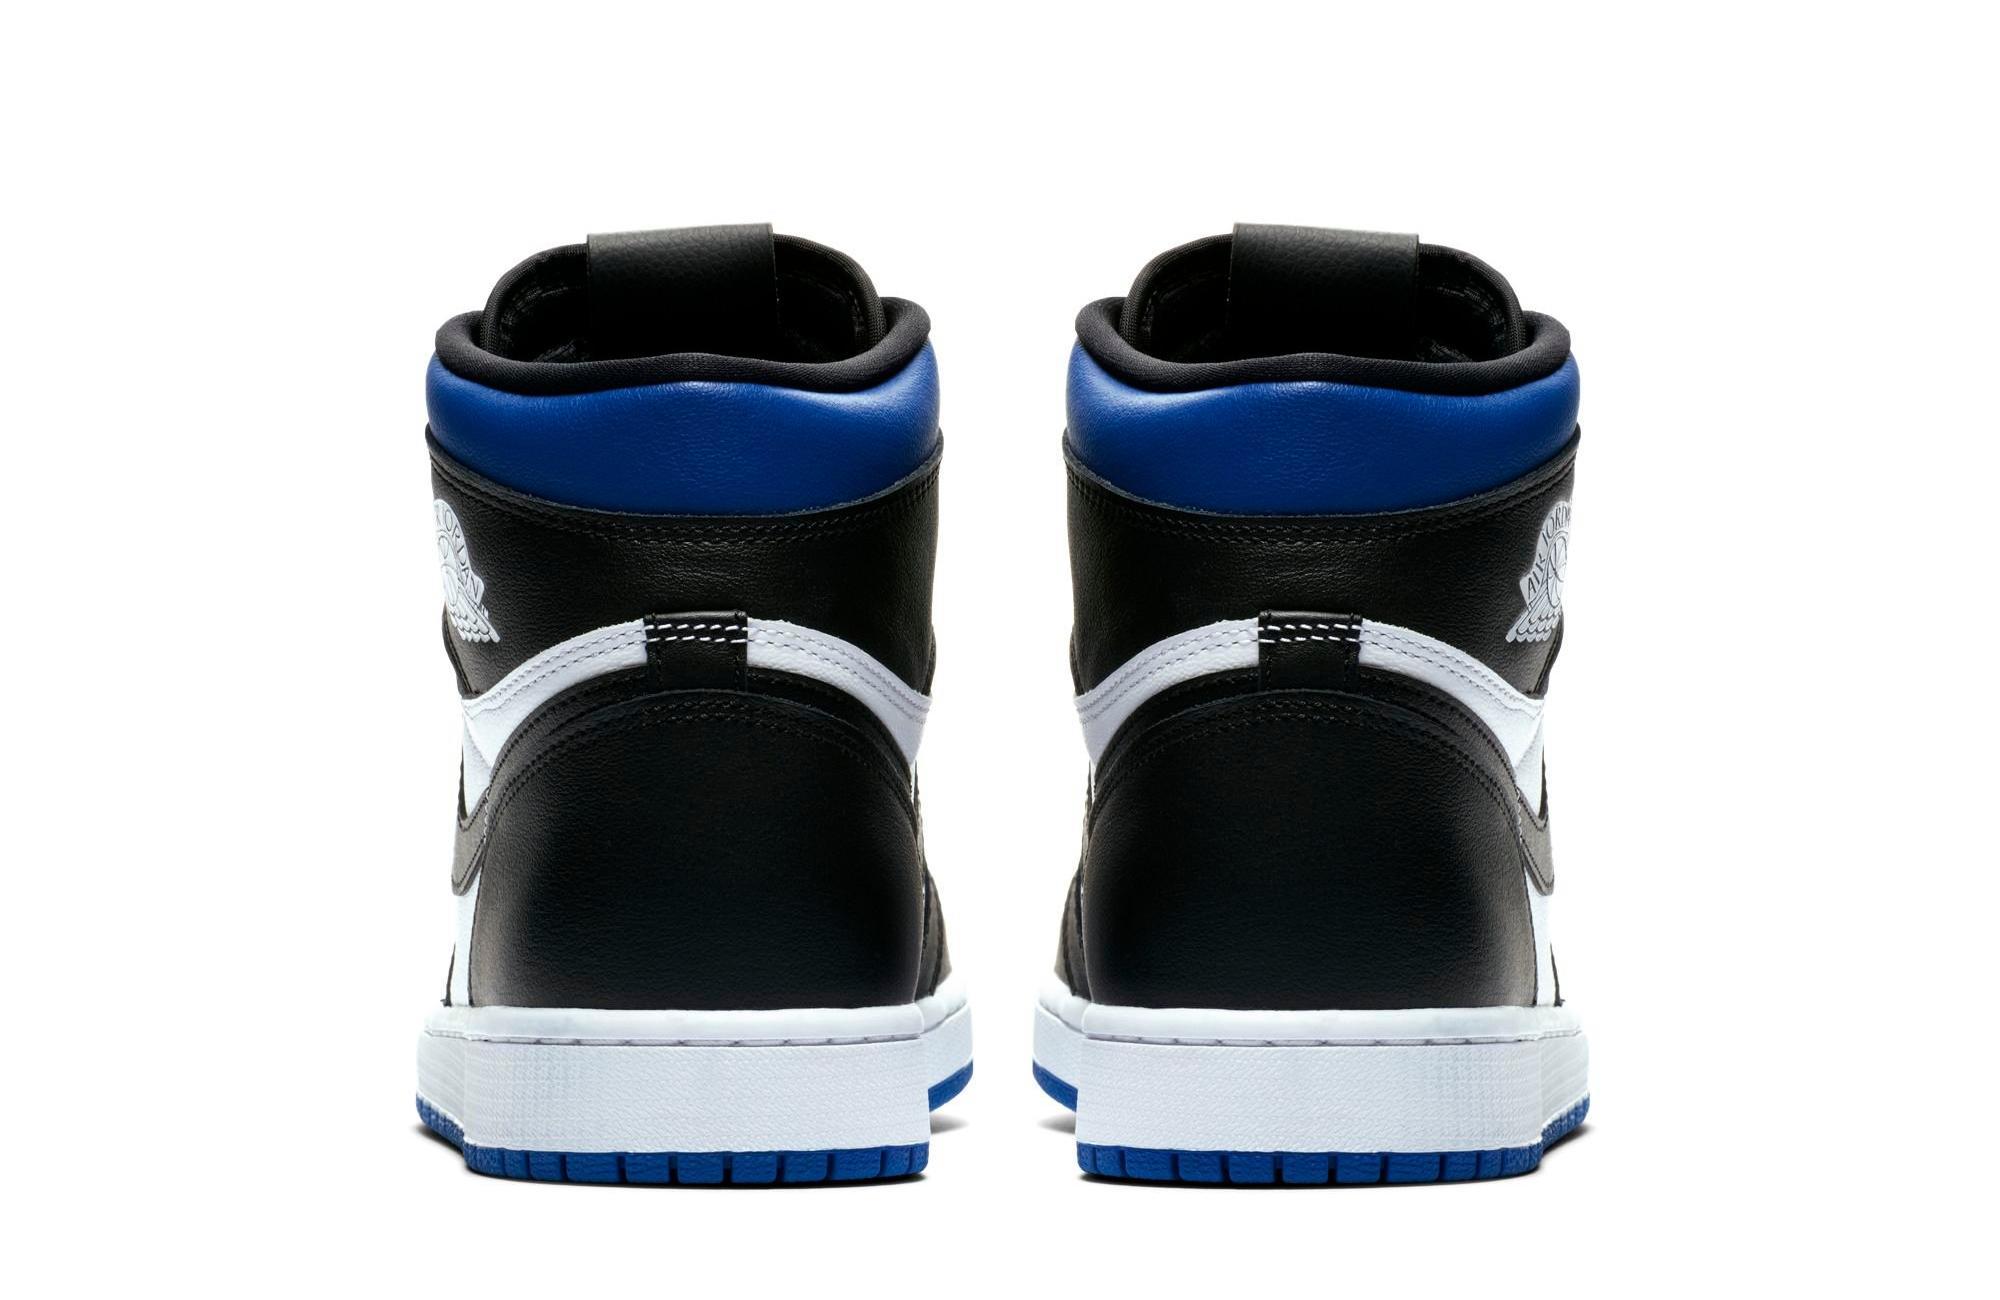 Sneakers Release Jordan 1 Retro High Og Game Royal Black White